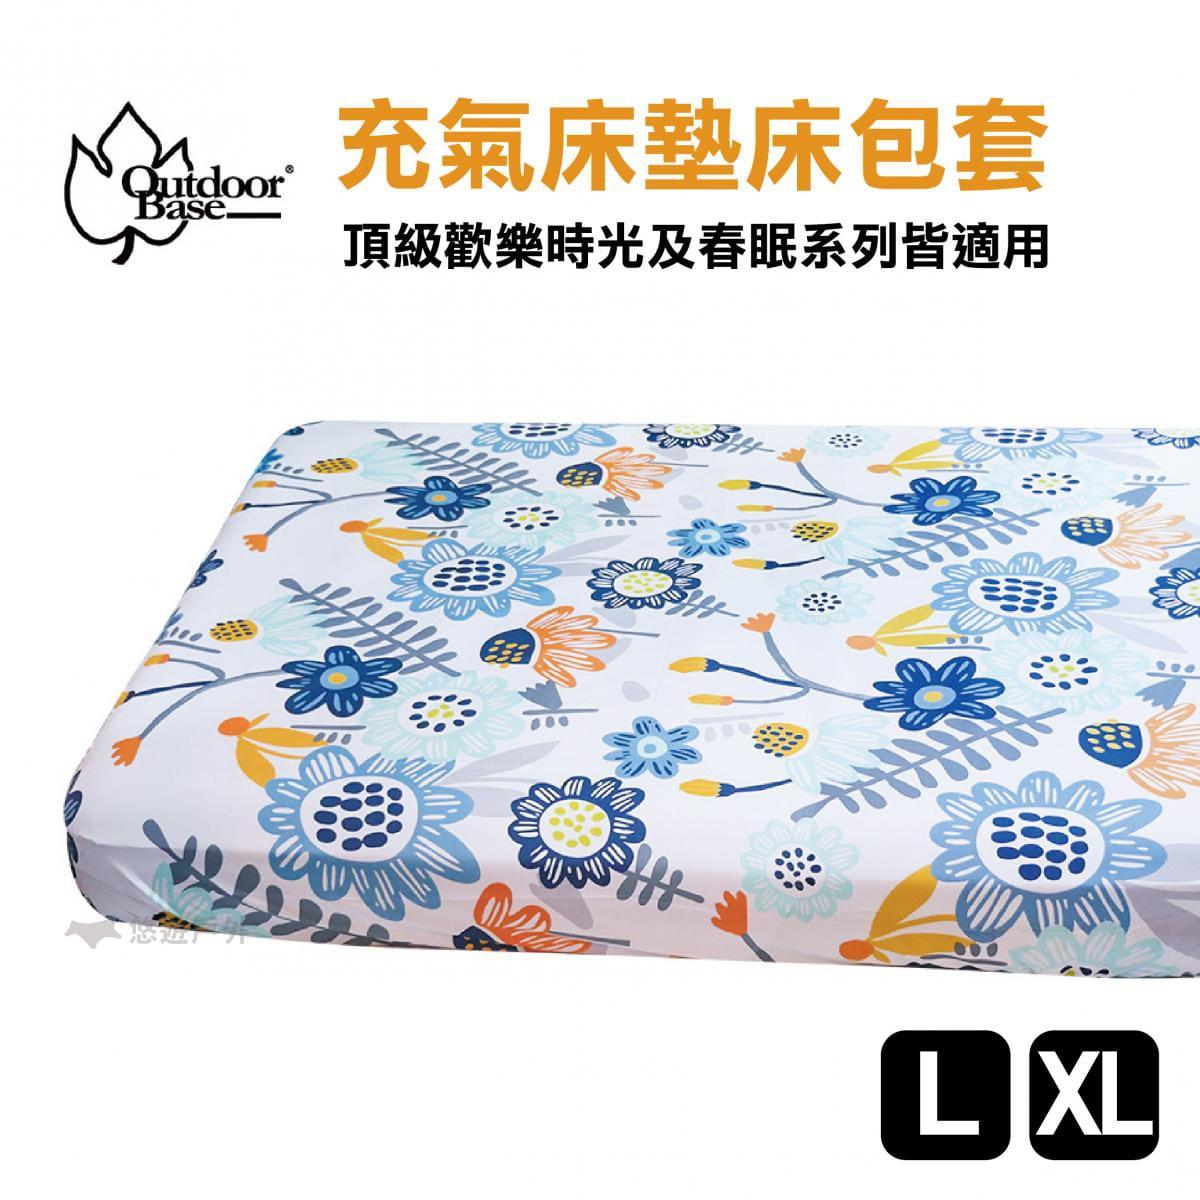 【新品上市】充氣床墊床包套 舒柔布 200x290x30cm (XL/L)